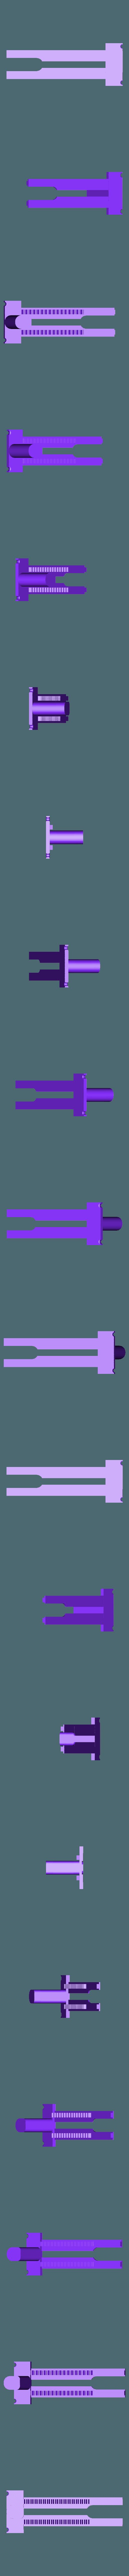 Rack_Slide.stl Télécharger fichier STL gratuit Lincoln's Revenge - Tireur d'élite à tir rapide • Plan pour imprimante 3D, ericcherry